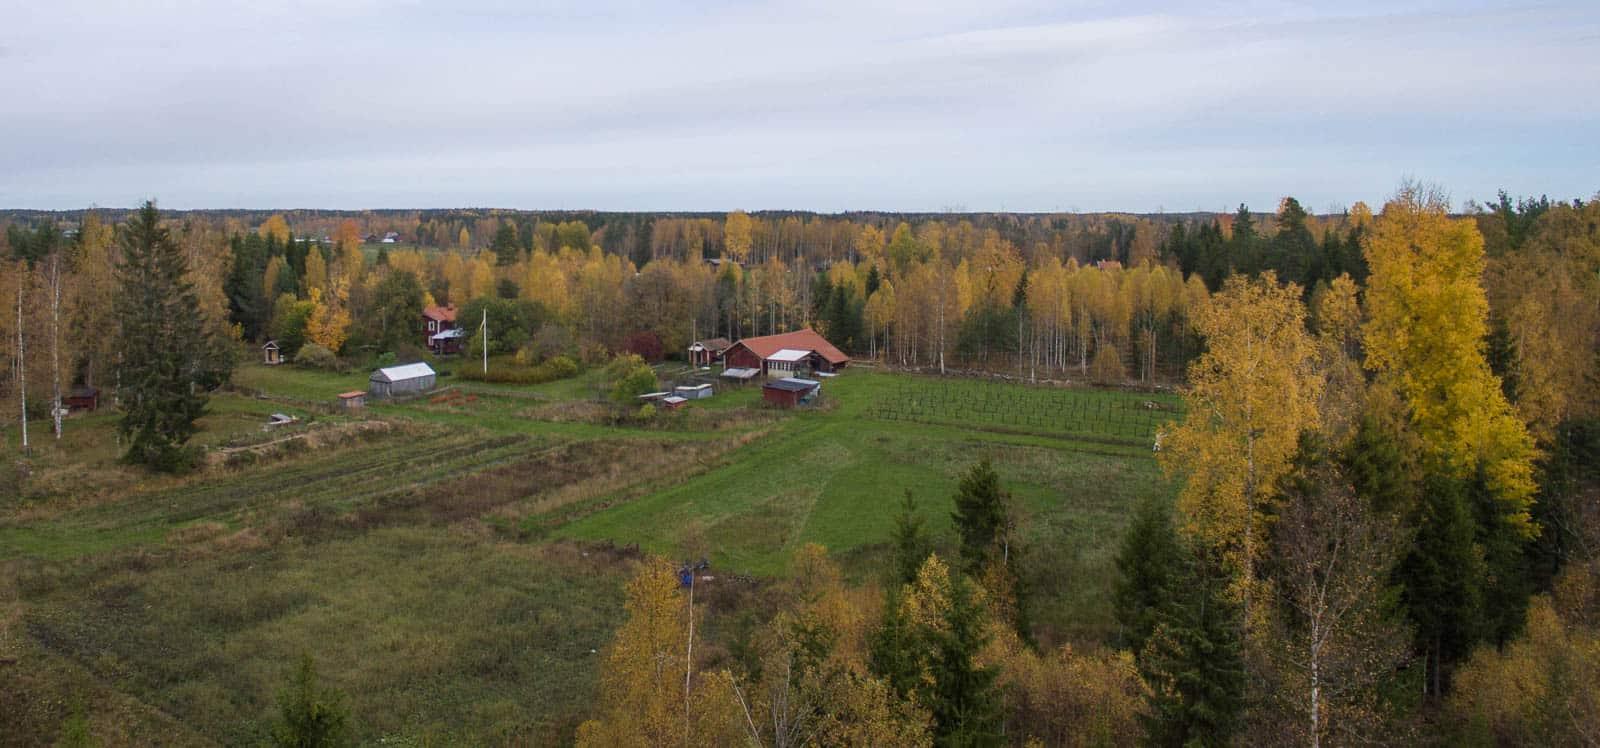 Nu är hösten här på allvar även om det fortfarande är ganska milt. Första frosten har ännu inte drabbat Sörmland – men den kan slå till när som helst.